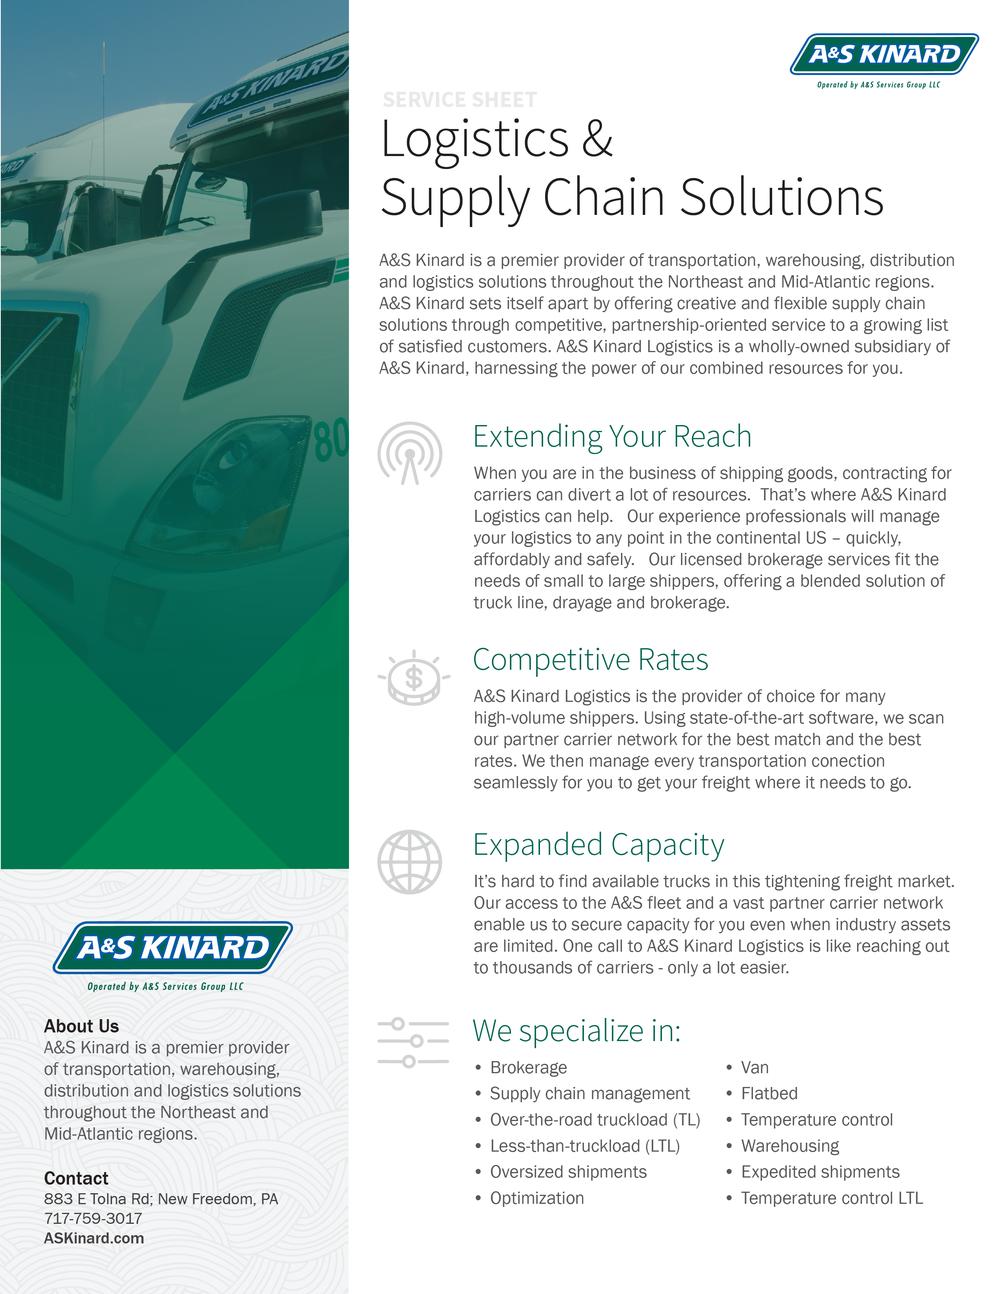 ASKinard-Logistics-Sheet-1.png